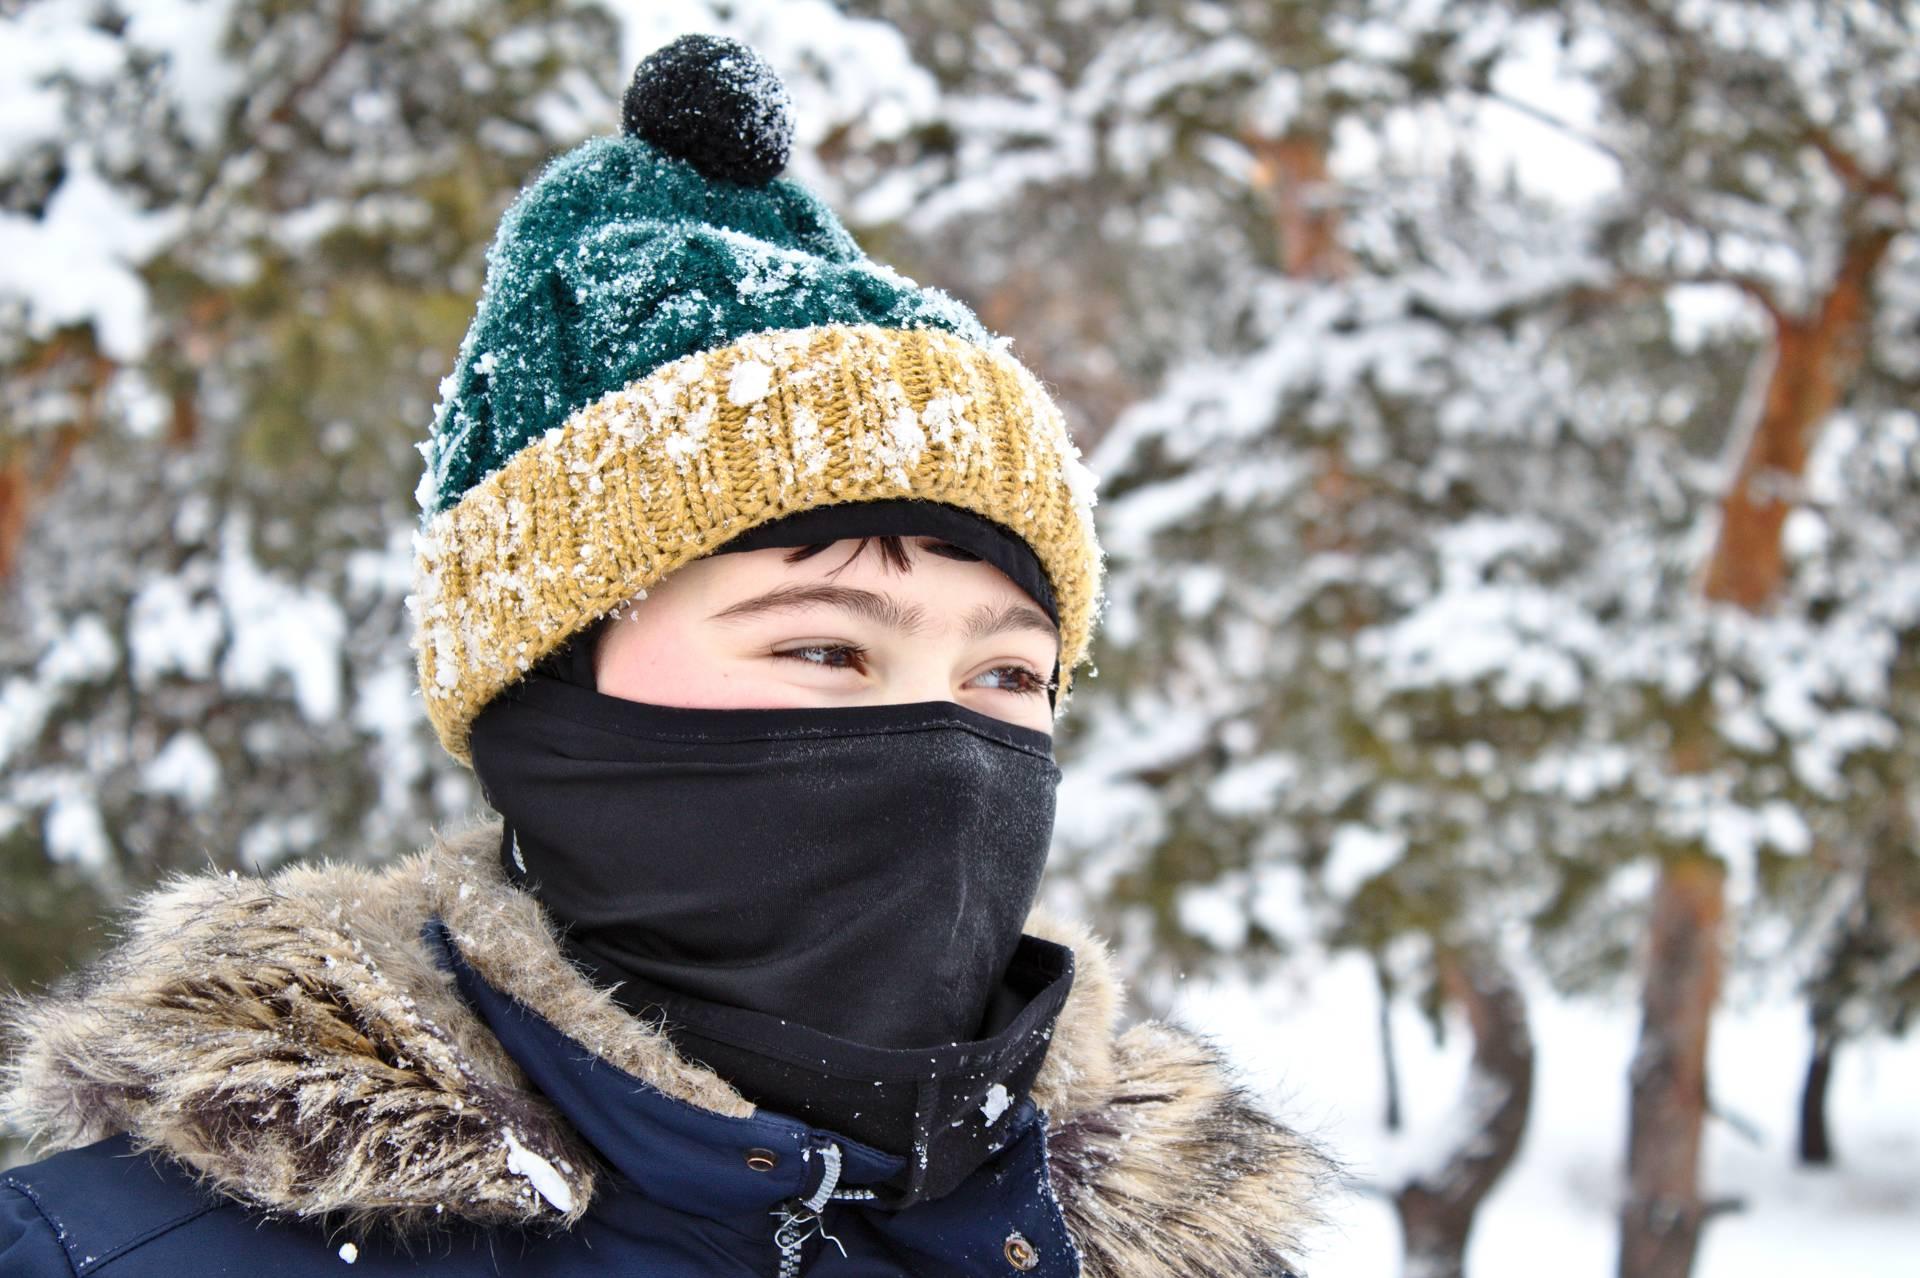 Педиатр рассказала, почему детям опасно носить в мороз шапки-балаклавы